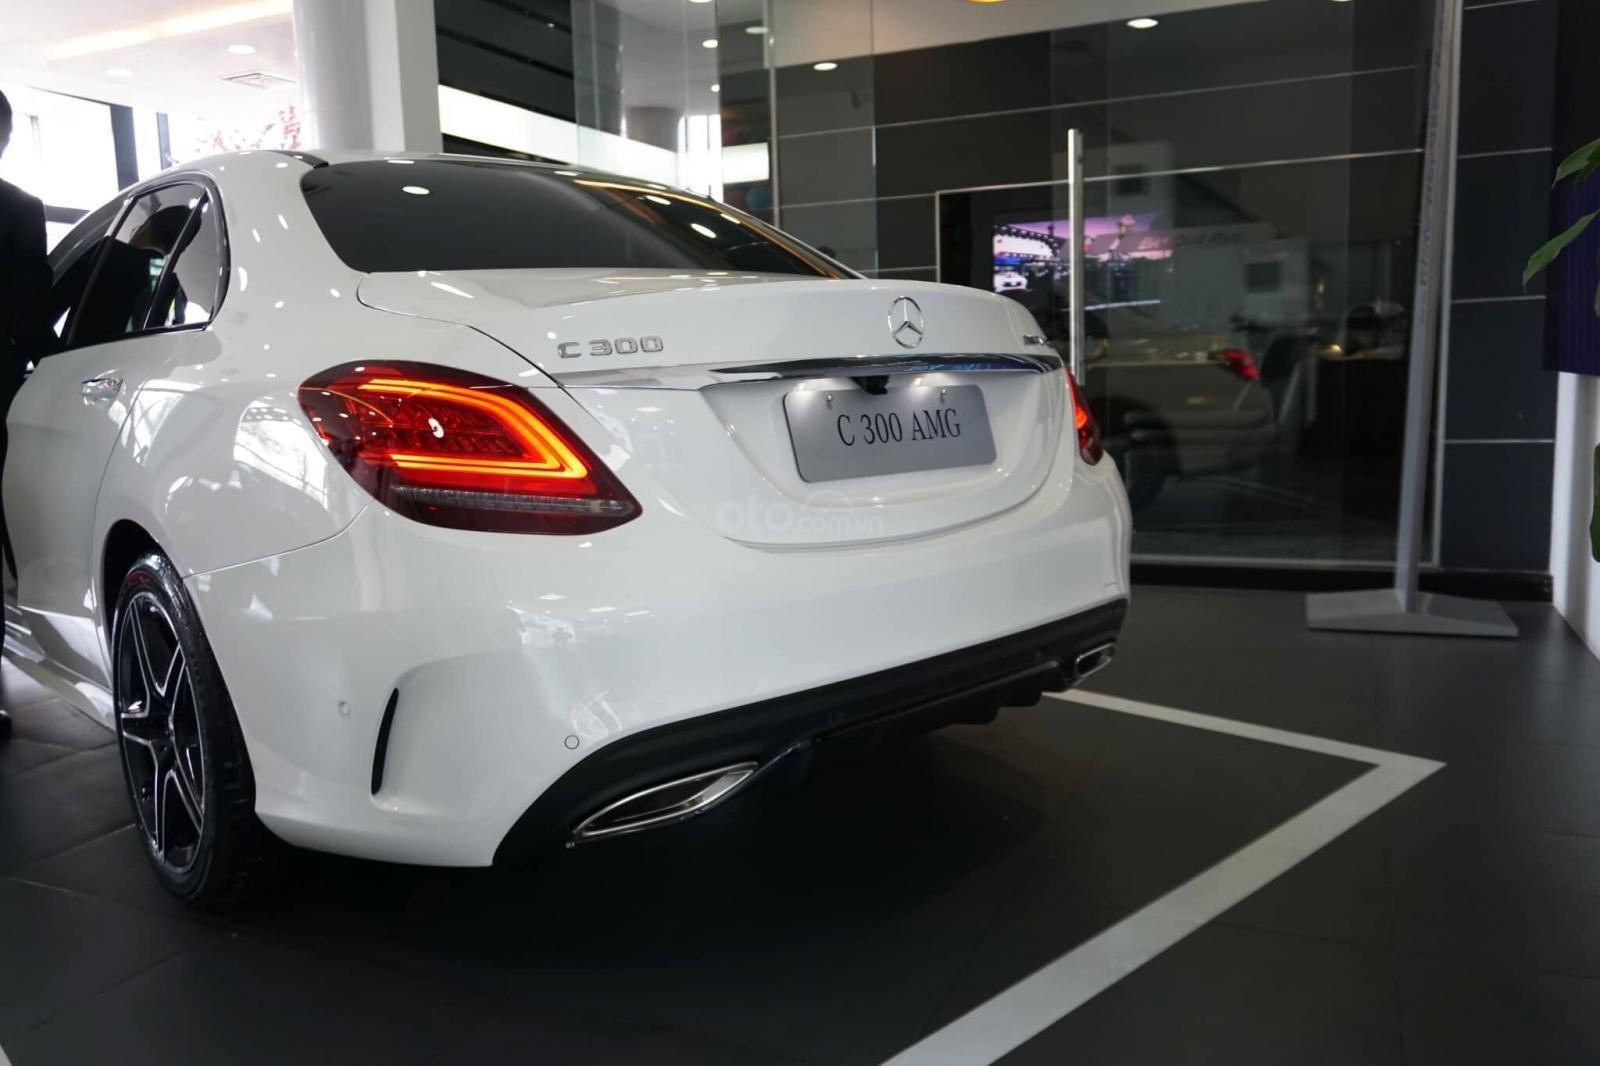 Giá xe Mercedes C300 AMG 2019: Thông số, giá lăn bánh (11/2019) giảm tiền mặt, tặng bảo hiểm và phụ kiện chính hãng (5)